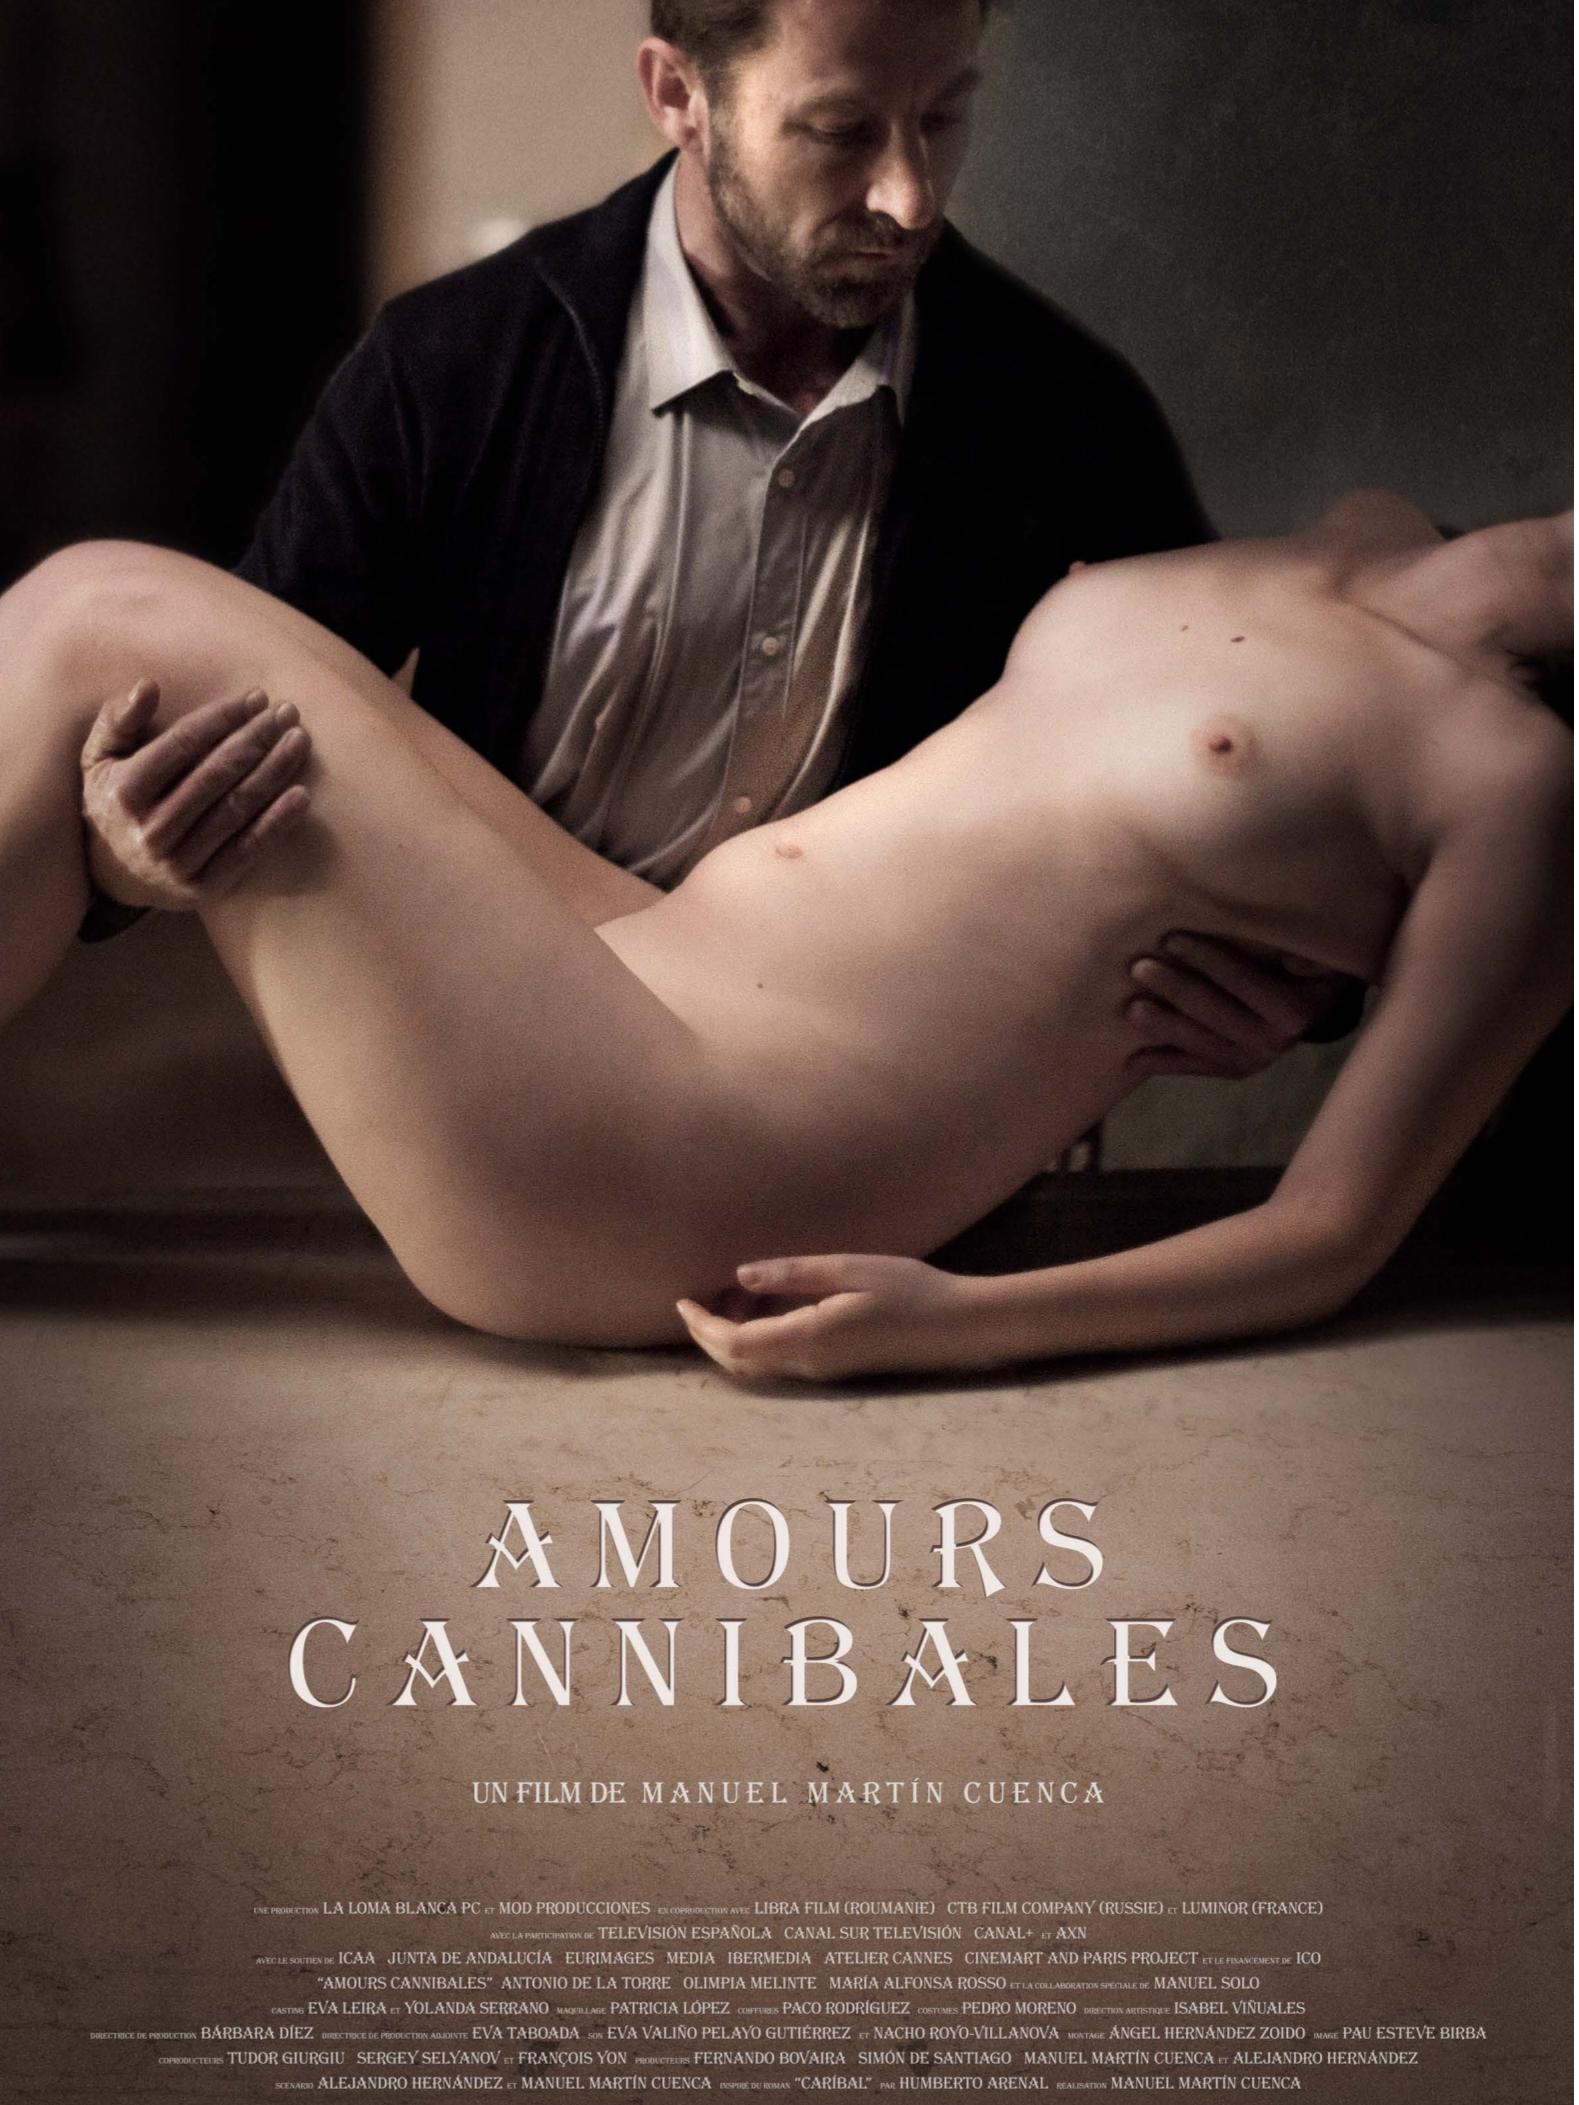 Amours cannibales | Cuenca, Manuel Martín (Réalisateur)